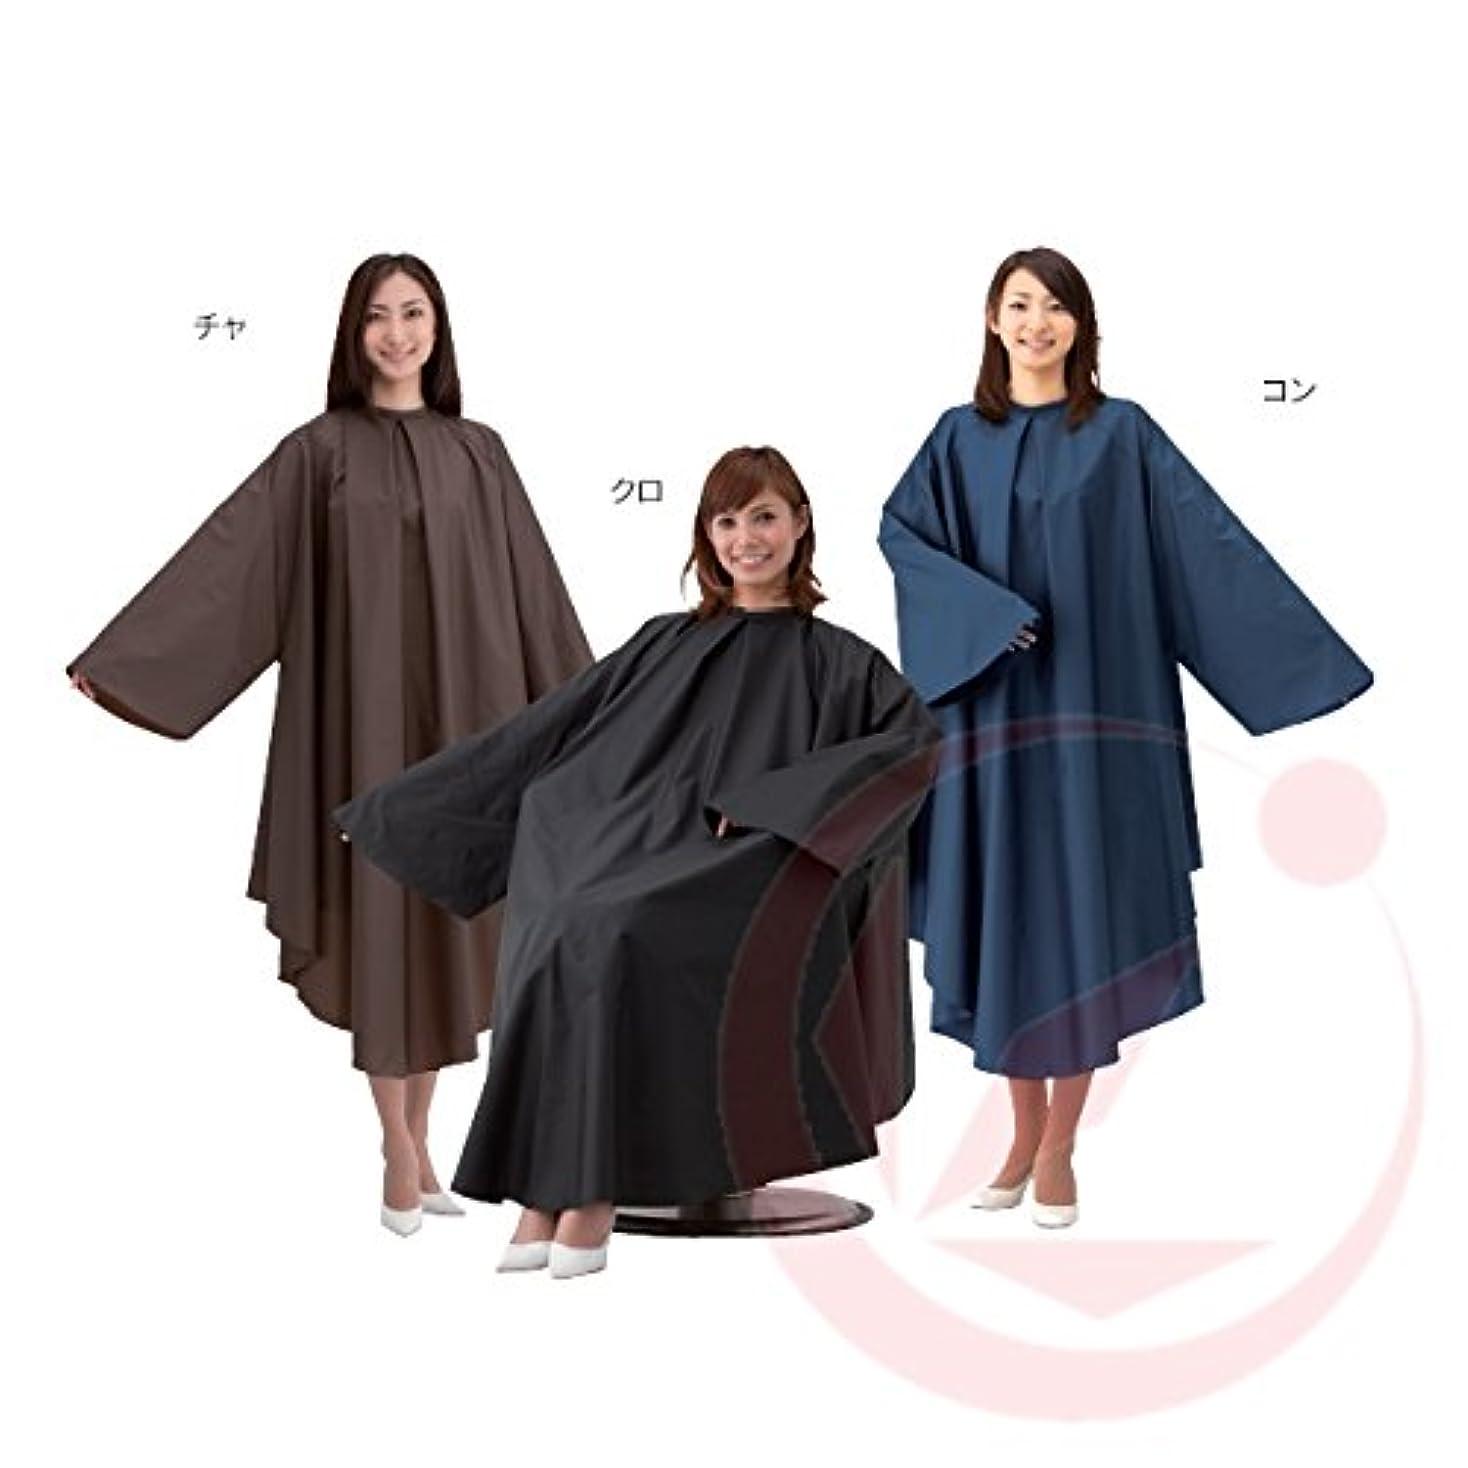 解明するこするつぼみカトレア袖付高密度ナイロンヘアダイクロス1080(ヘアダイ?パーマ用) 黒色